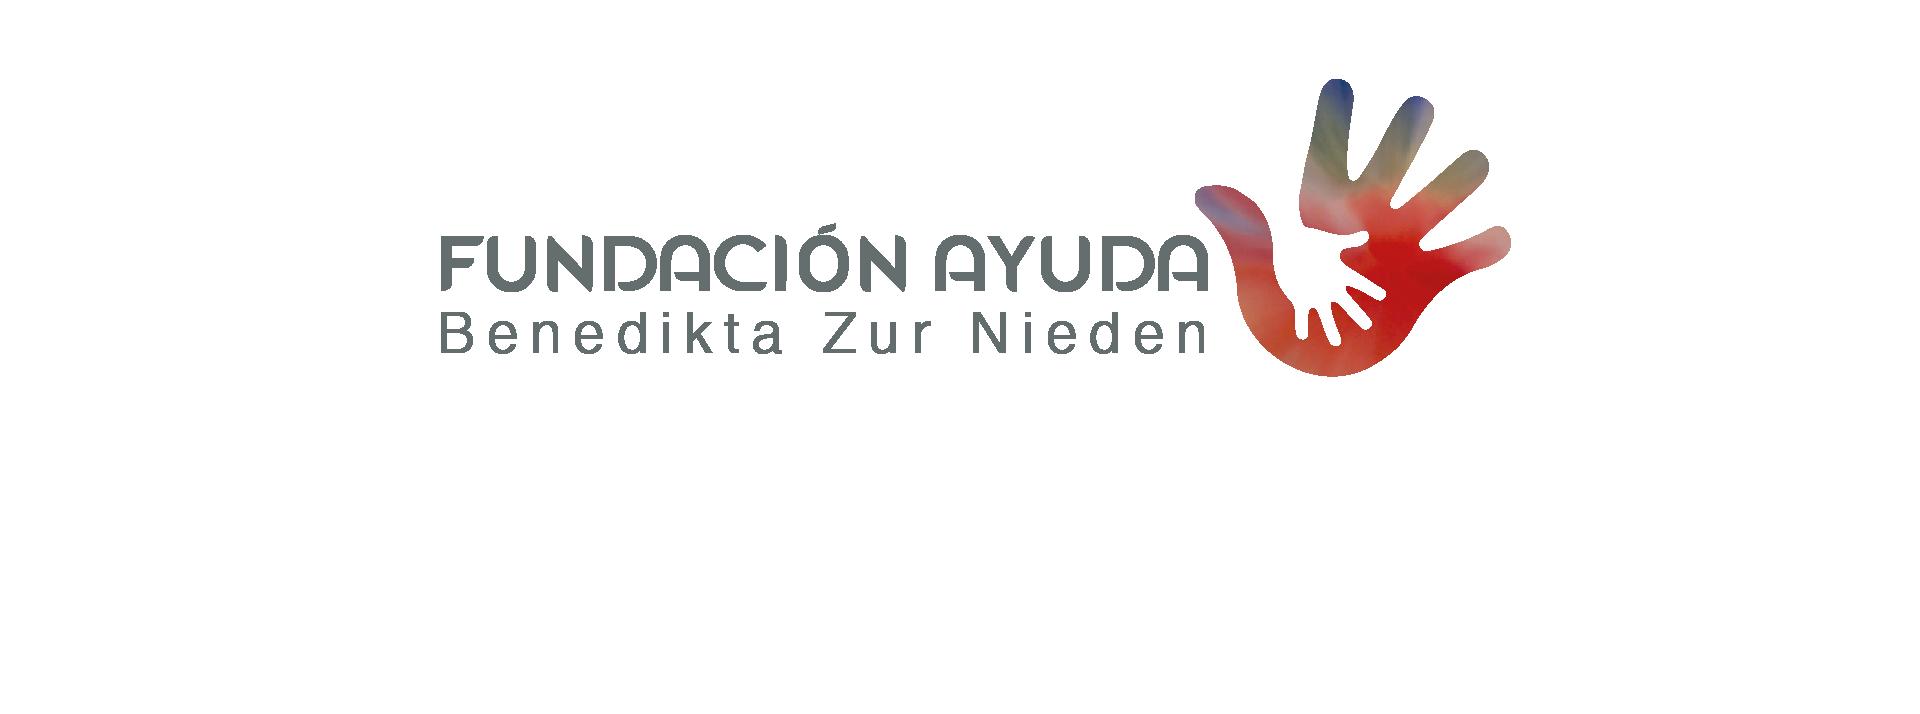 Fundación Ayuda